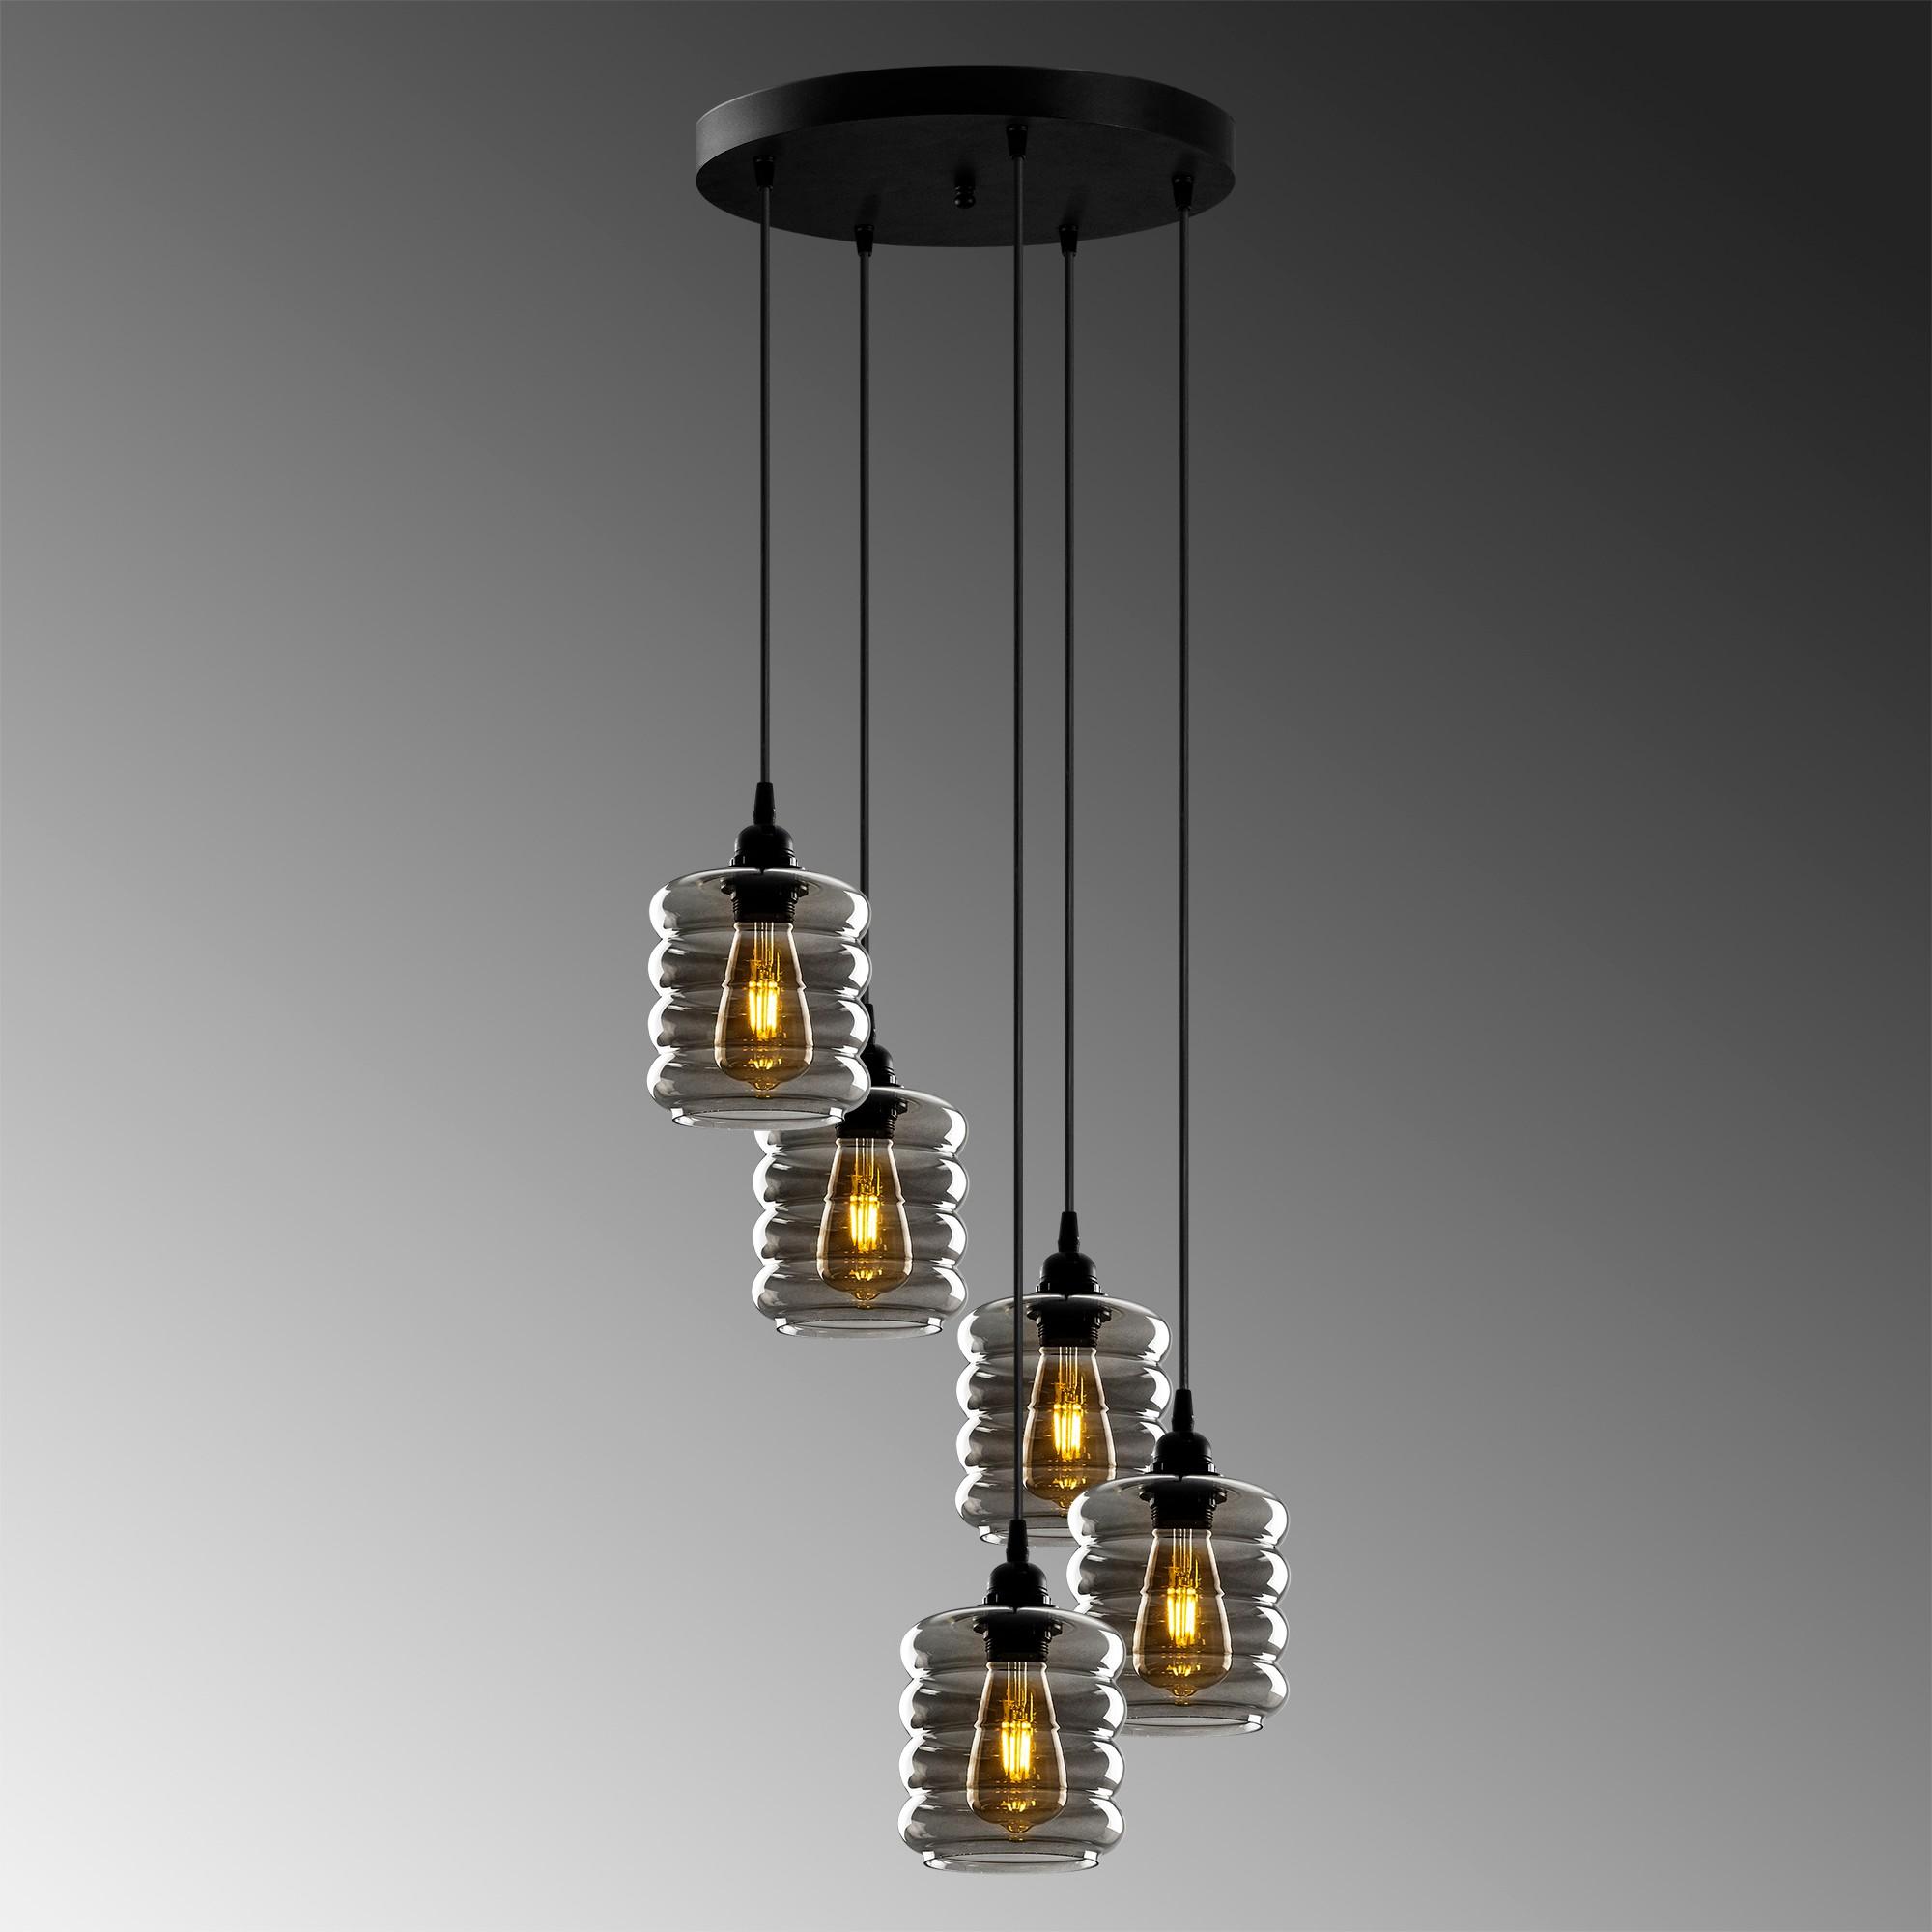 Hanglamp gerookt glas 5 keer E27 fitting - grijze achtergrond